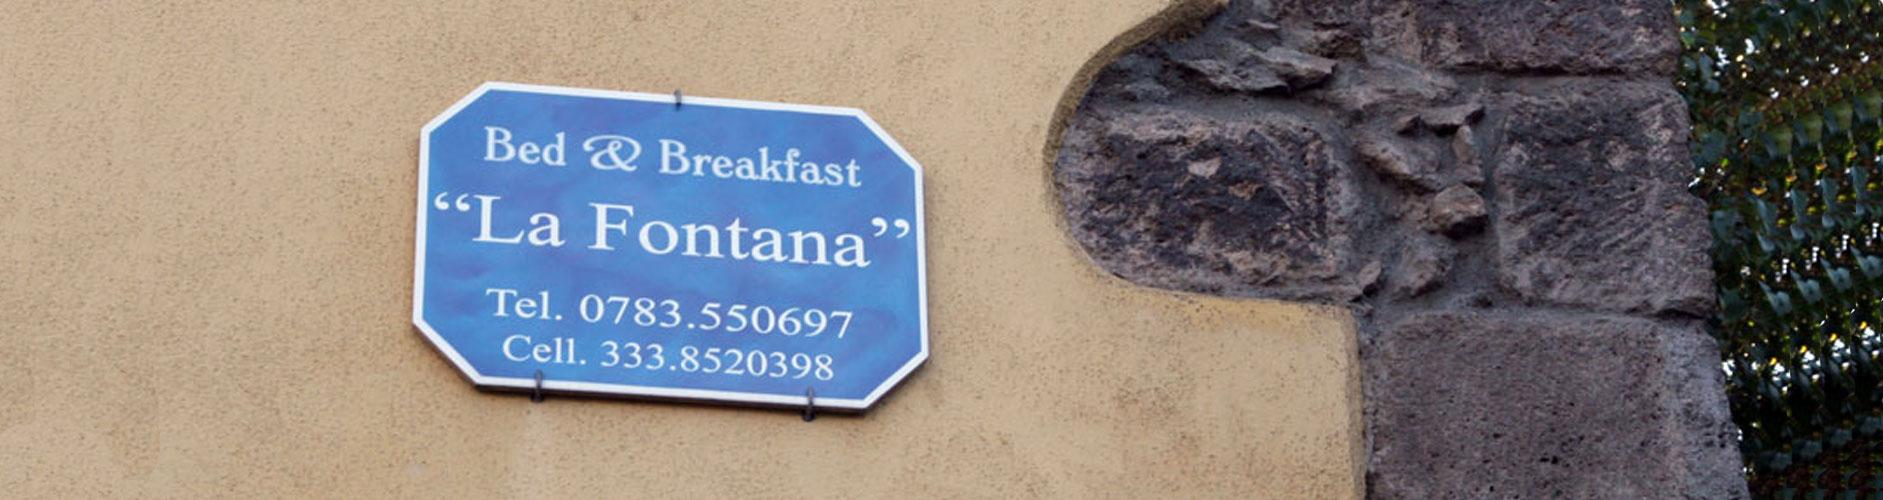 Insegna Bed & Breakfast - Le nostre targhe sono studiate con il cliente per meglio armonizzarsi con il contesto urbano